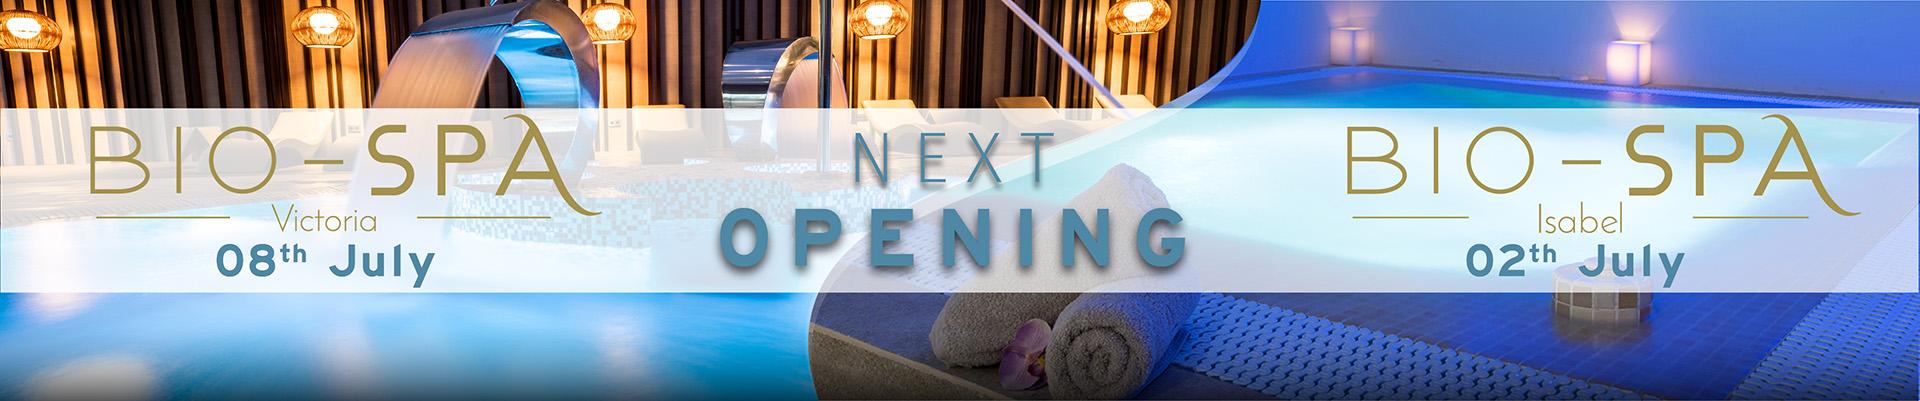 Next opening - BIO-SPA